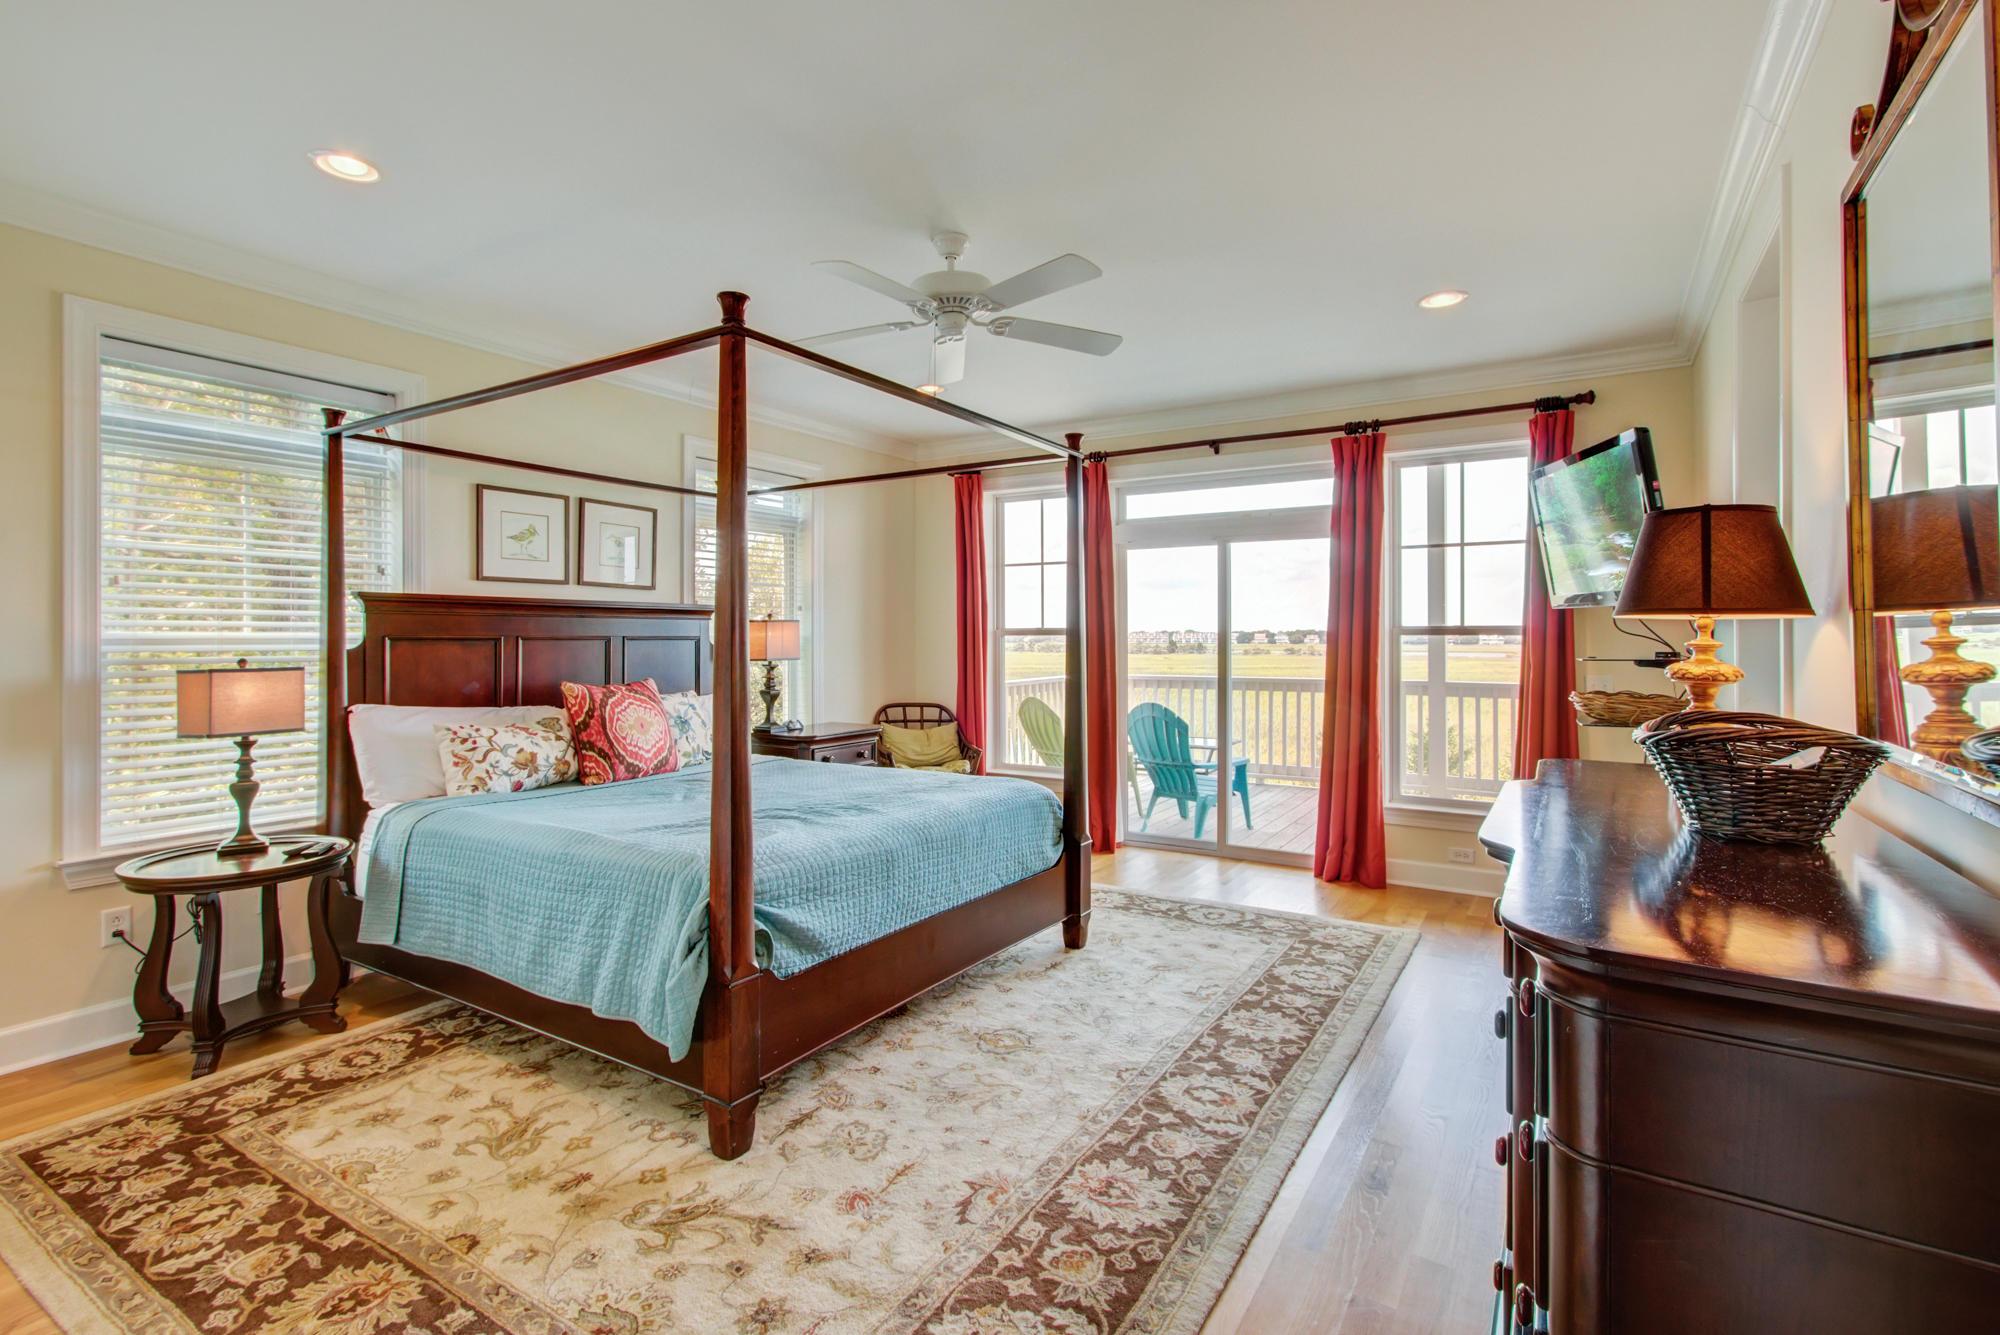 Folly Beach Homes For Sale - 616 Erie, Folly Beach, SC - 2